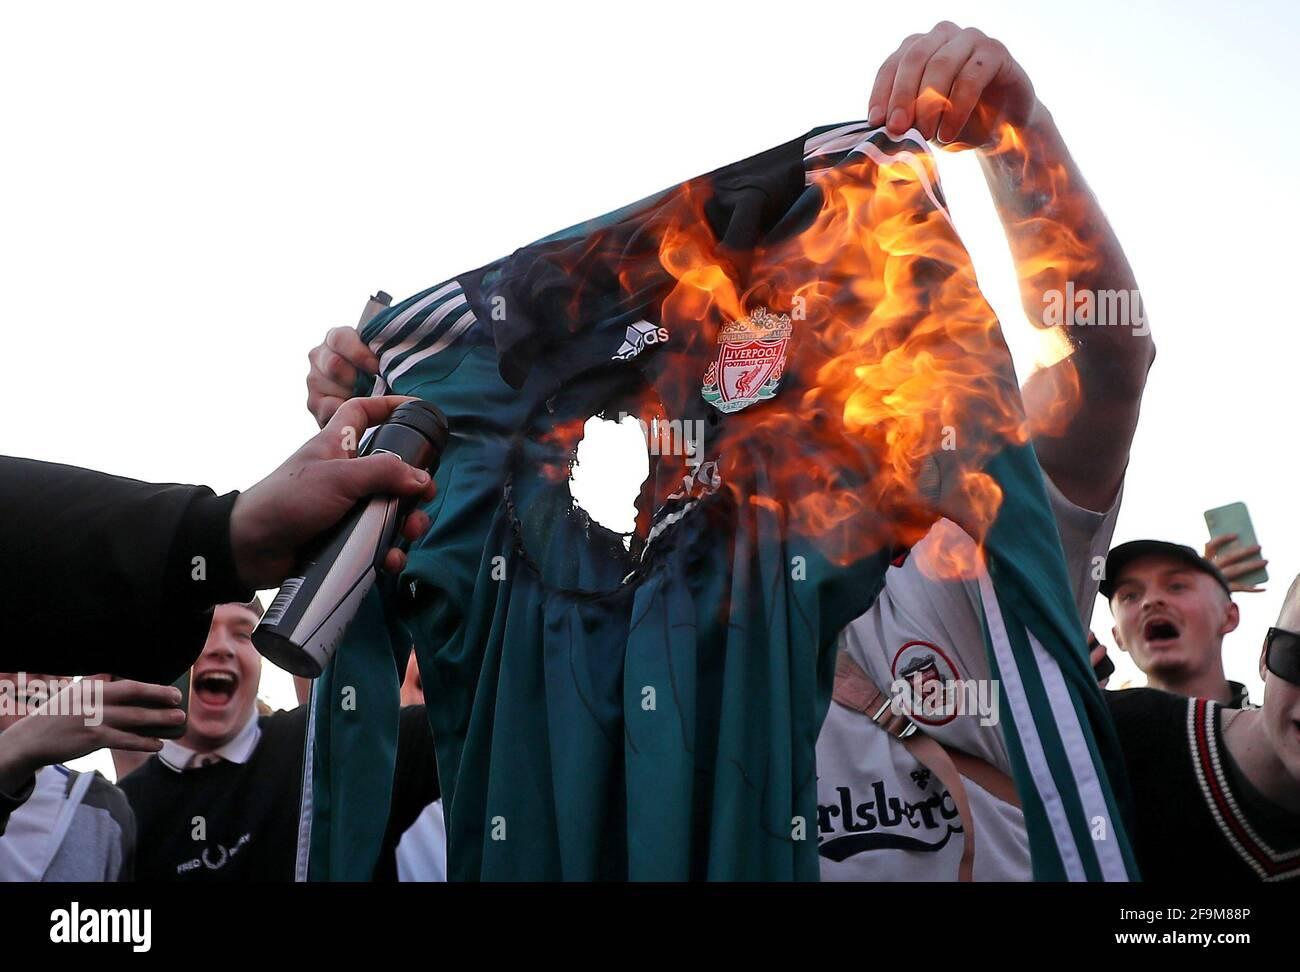 I fan bruciano una maglietta Liverpool replica fuori da Elland Road contro la decisione di Liverpool di essere inclusi tra i club che tentano di formare una nuova European Super League. Data immagine: Lunedì 19 aprile 2021. Foto Stock